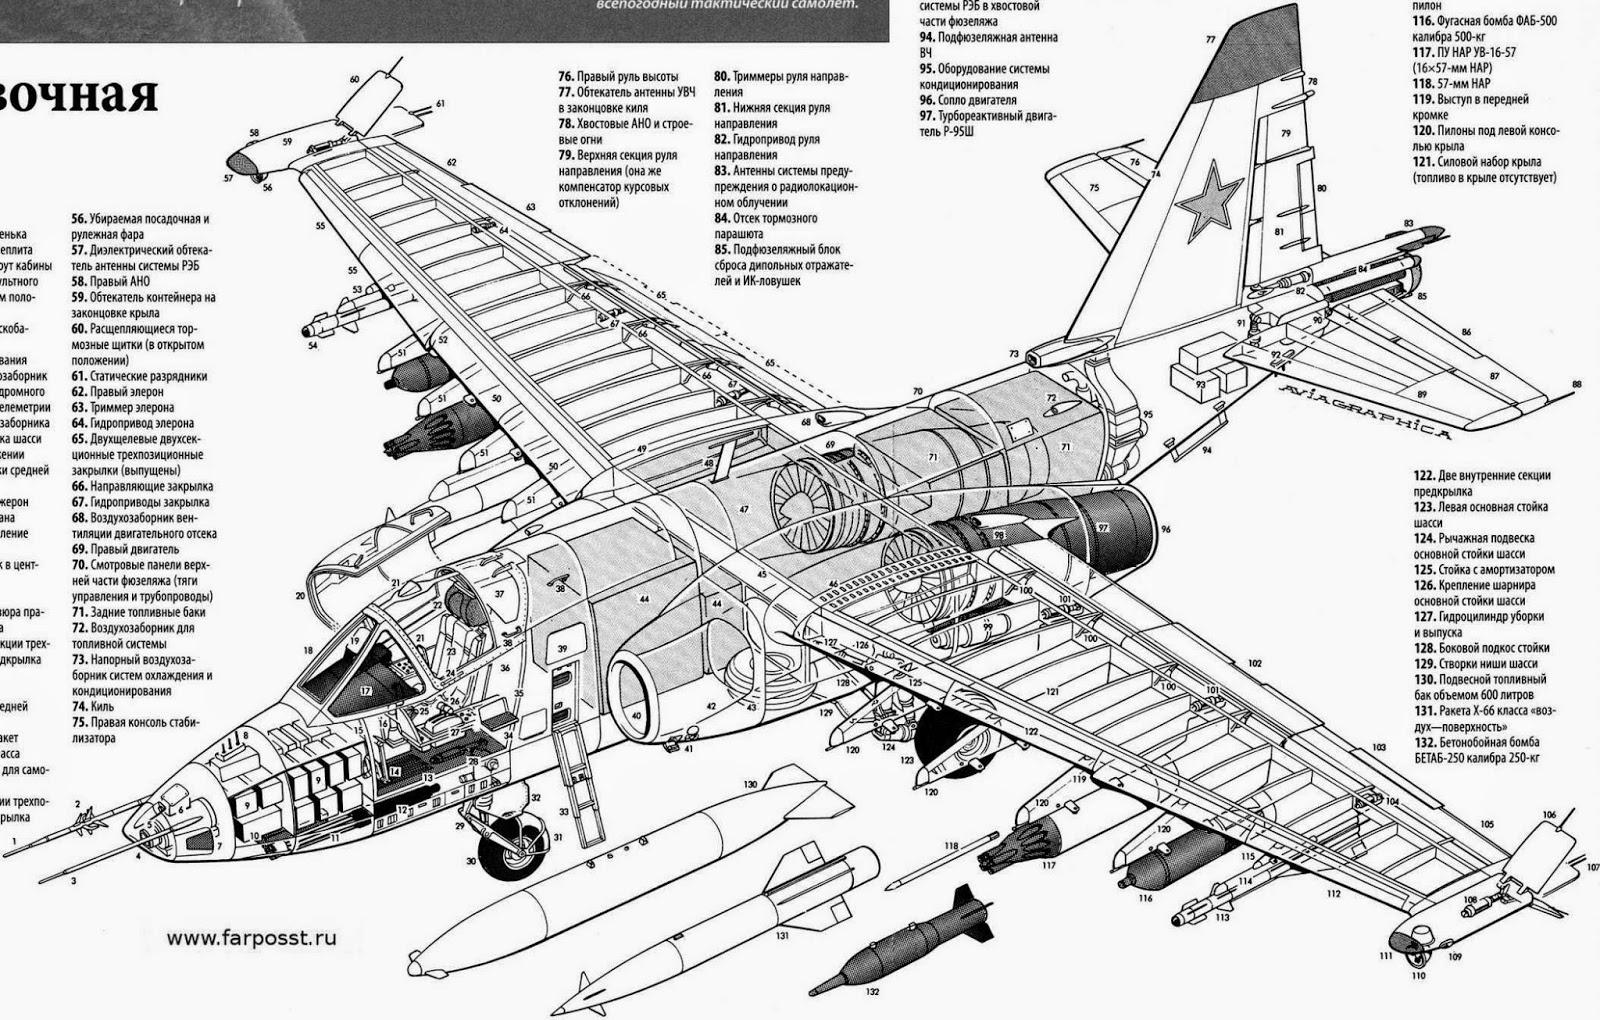 Aviones Caza Y De Ataque Sukhoi Su 25 Frogfoot